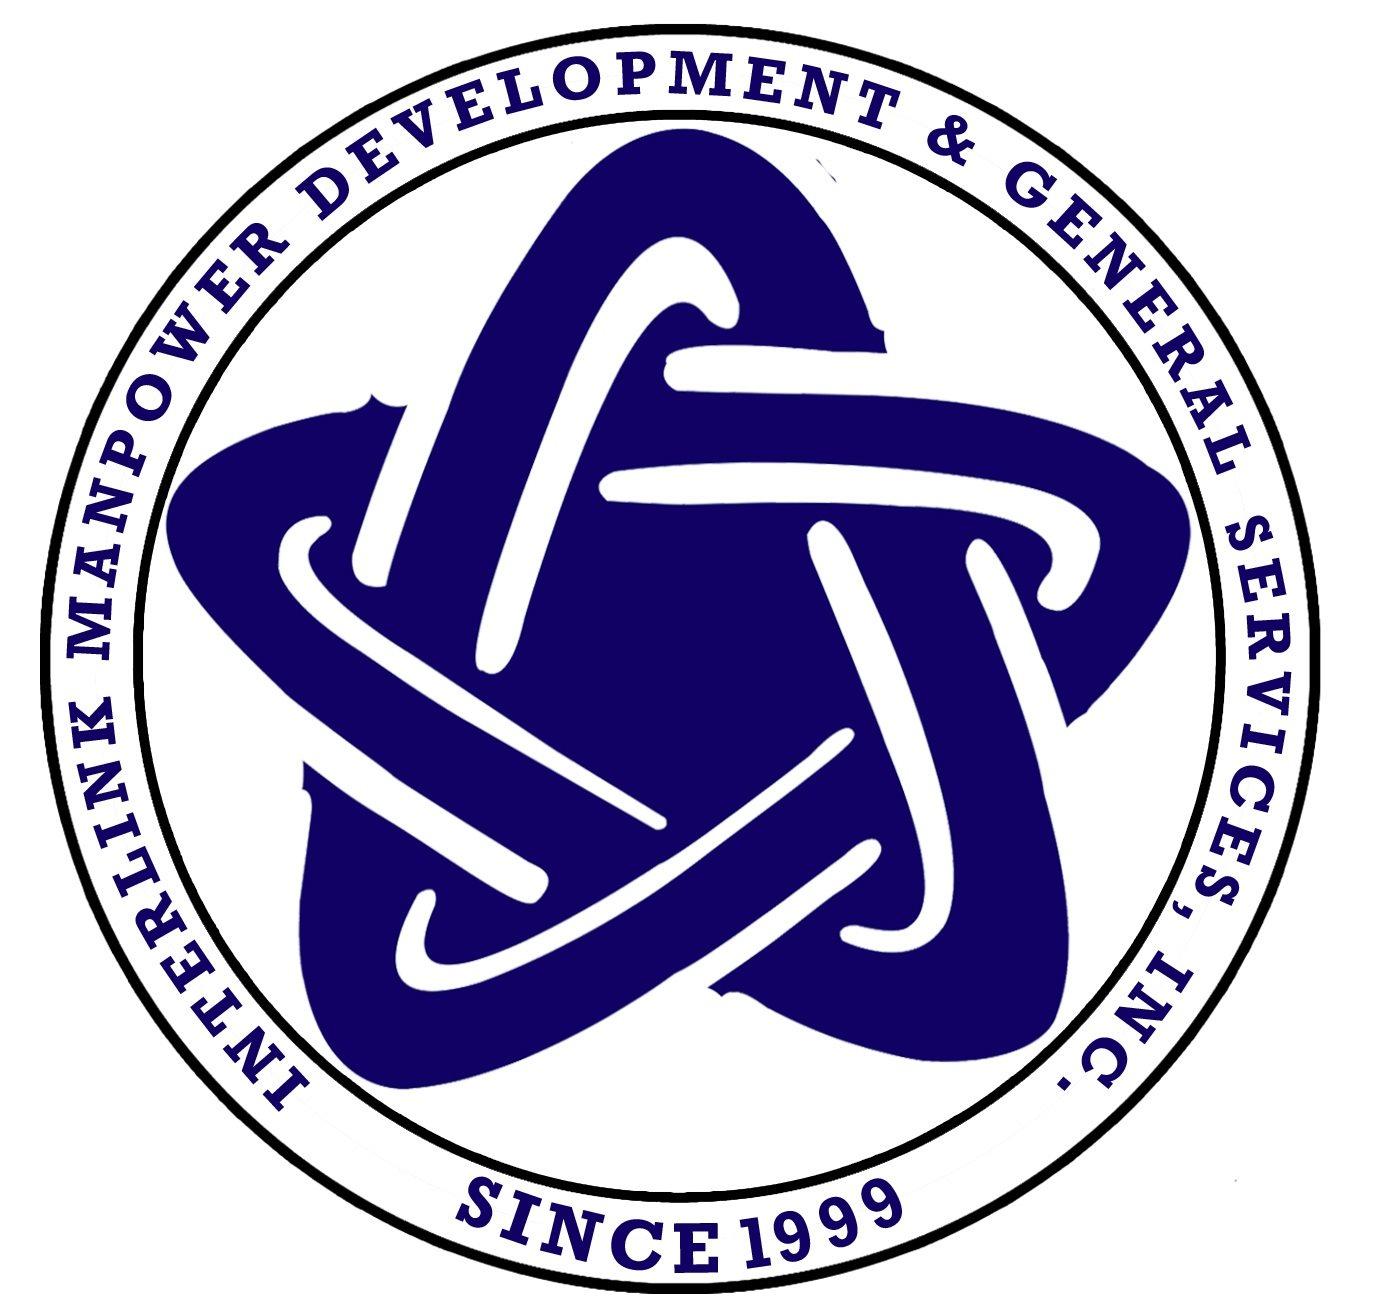 Interlink Manpower Development & General Services Inc.,